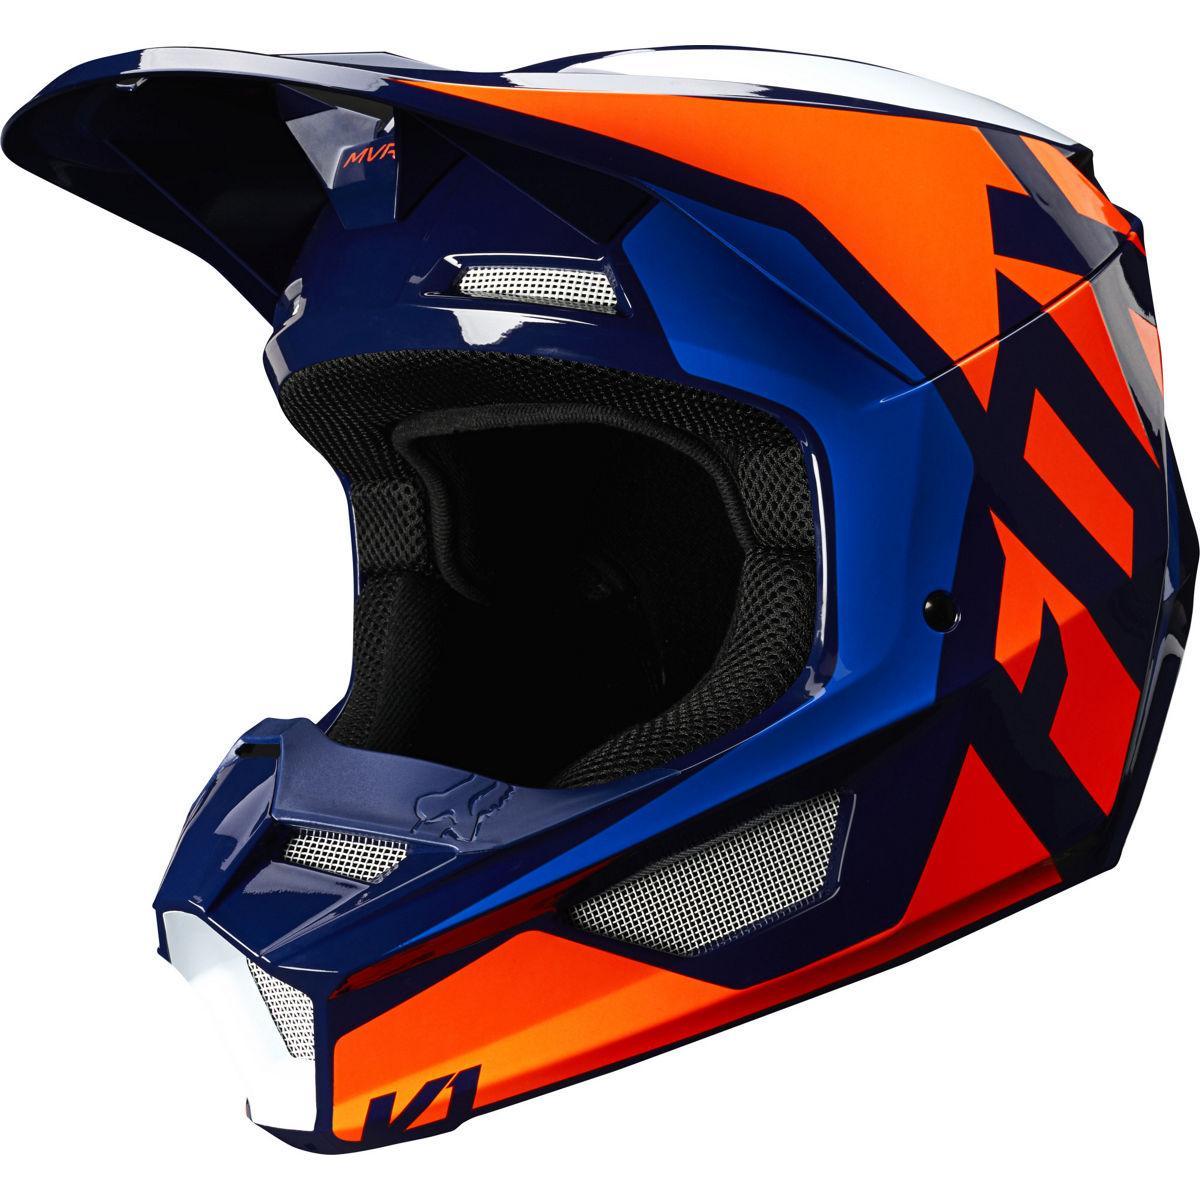 Мотошлем Fox V1 PRIX Helmet оранжевый/синий, S